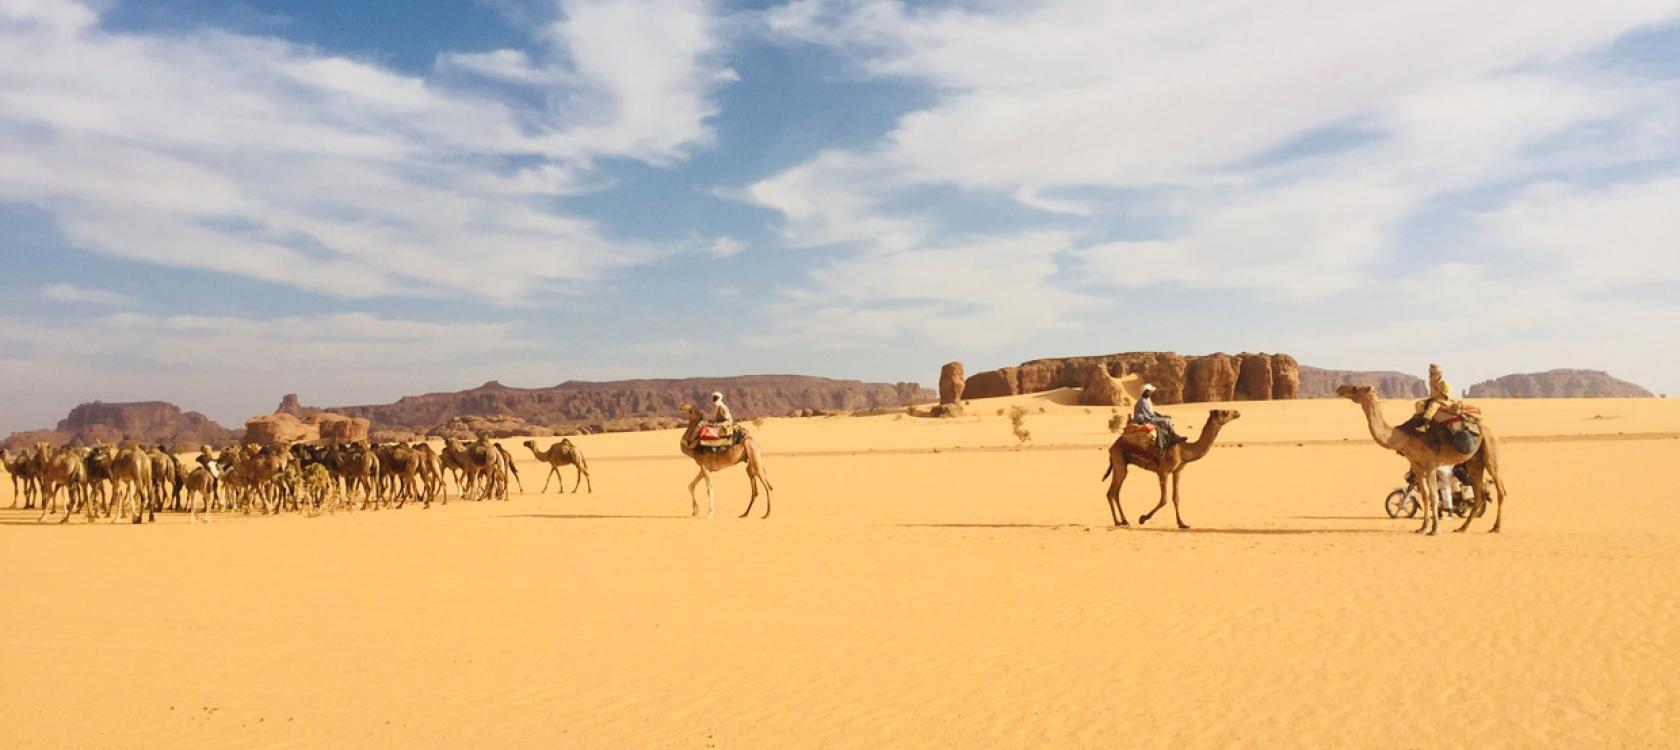 desert, camels, landscape, Chad